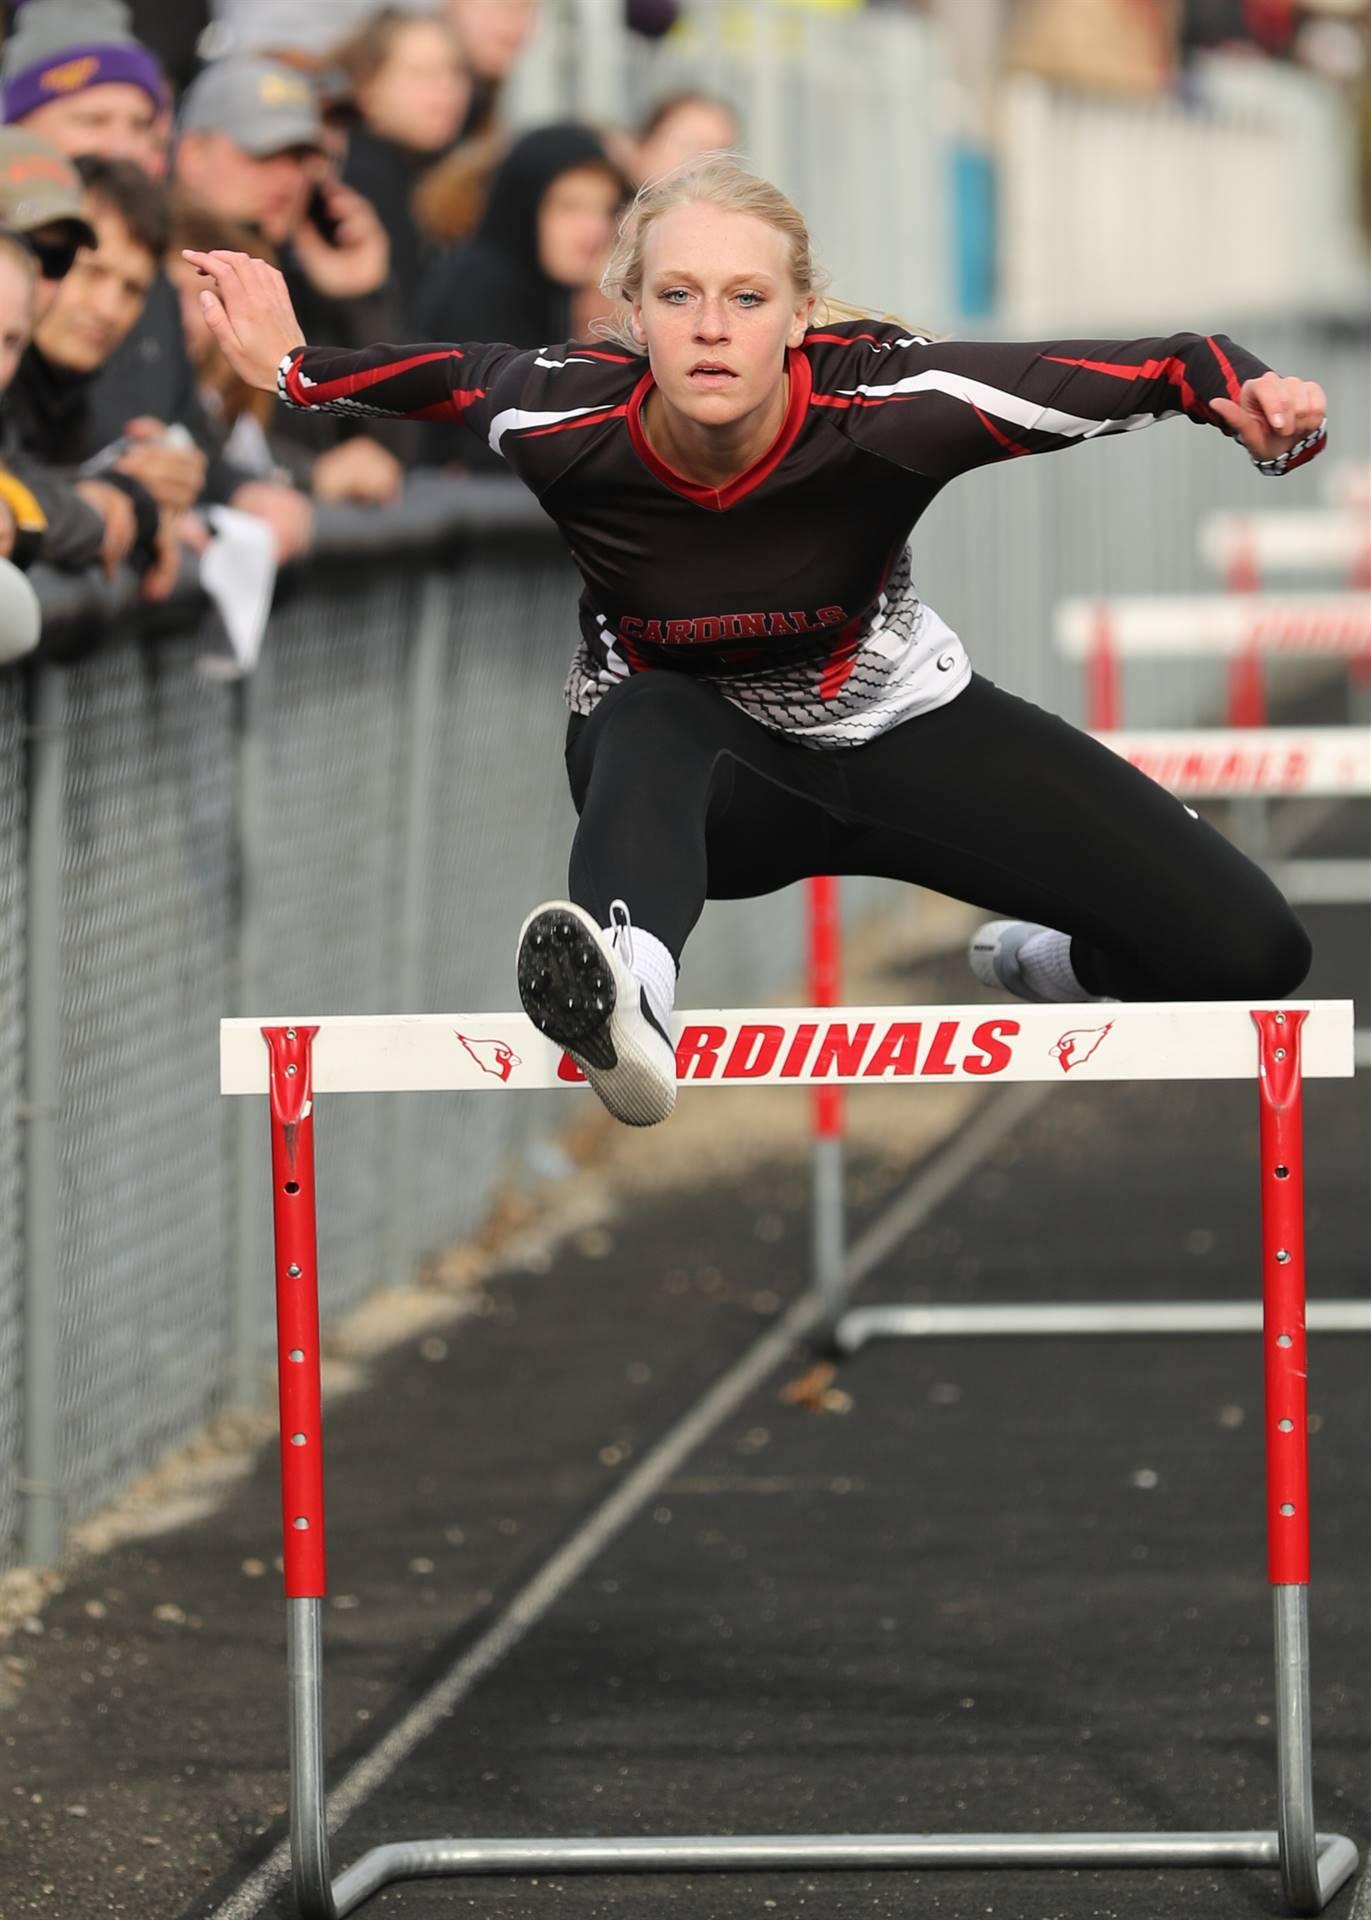 Hurdler clearing a hurdle